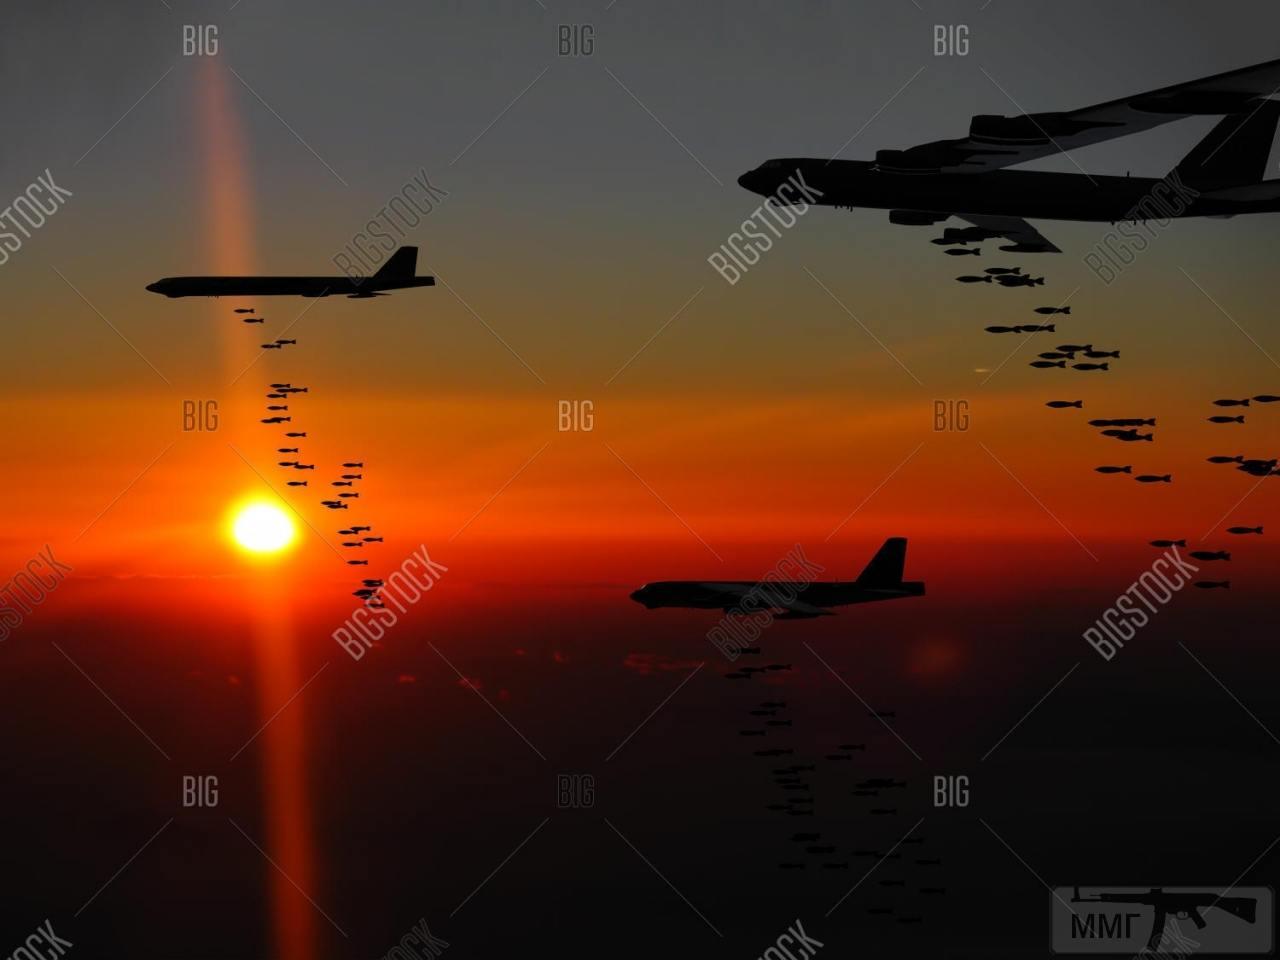 28315 - Красивые фото и видео боевых самолетов и вертолетов